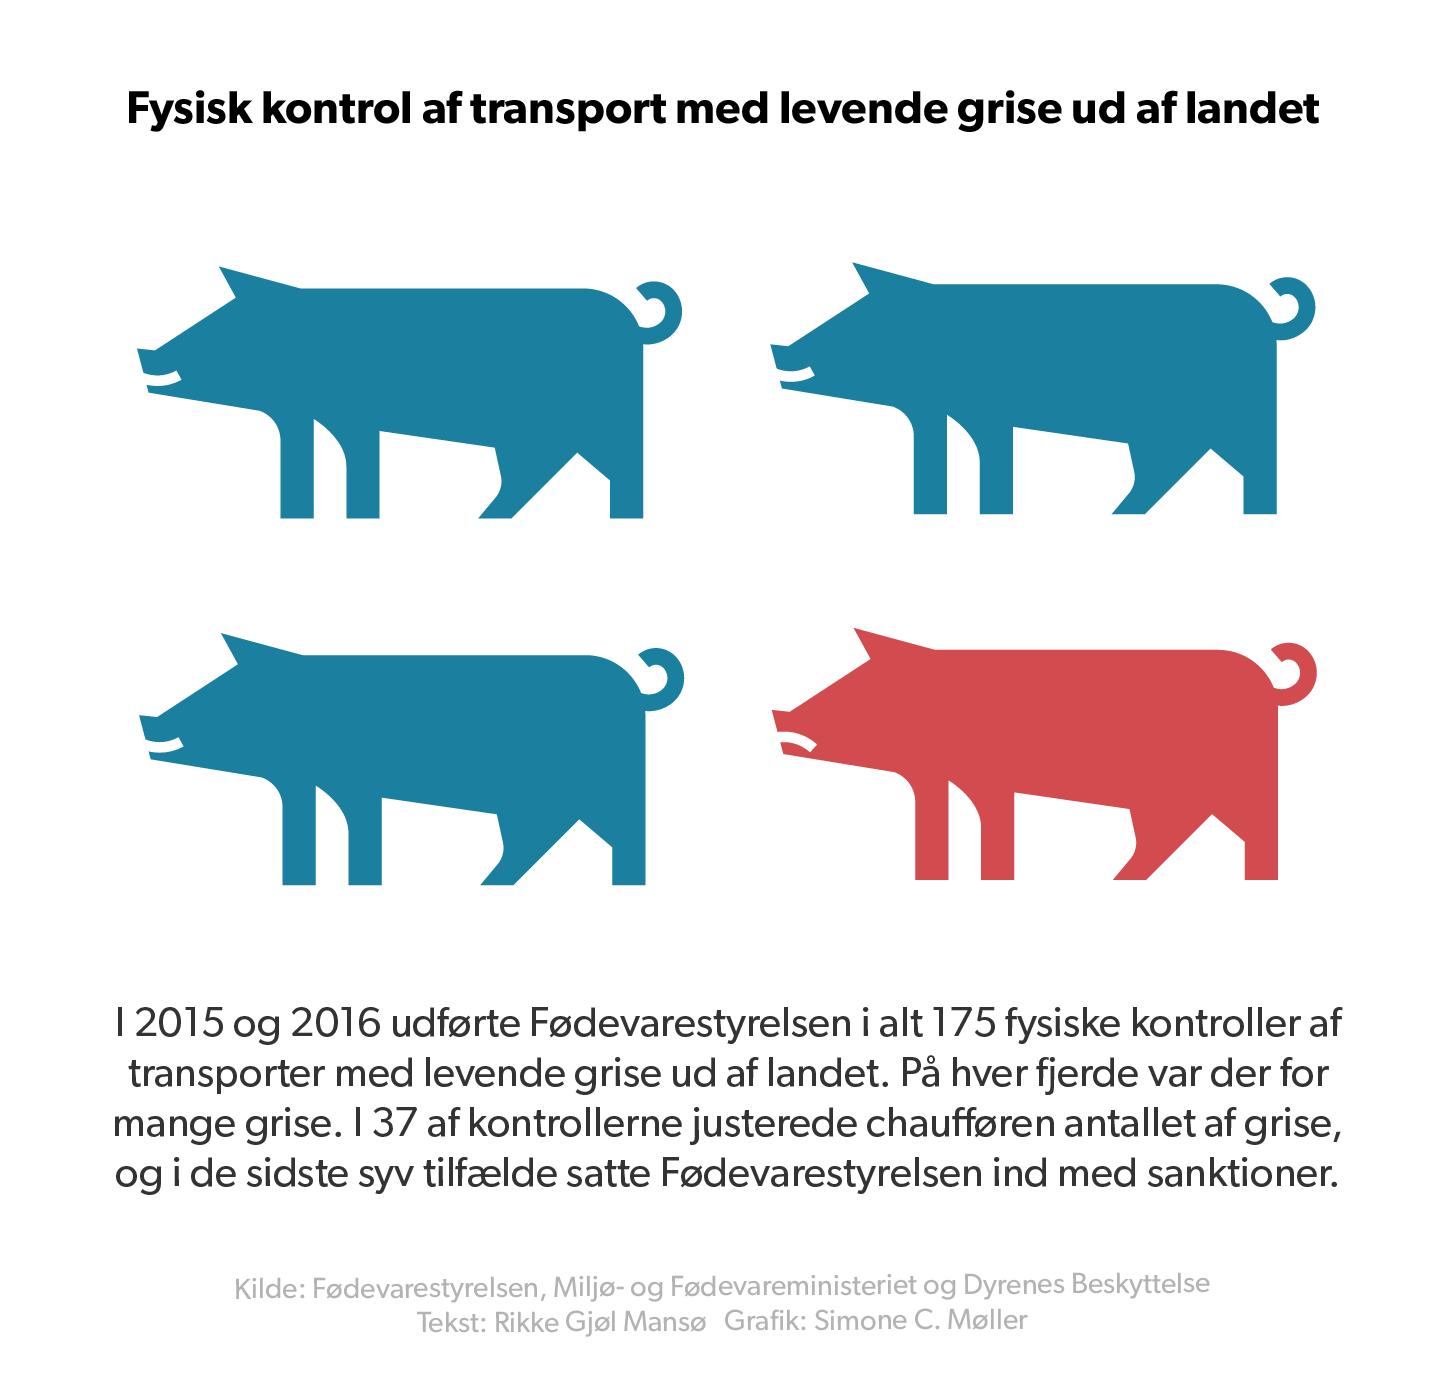 Grafik over fødvarestyrelsens kontroller af grise der eksporteres til udlandet levende.